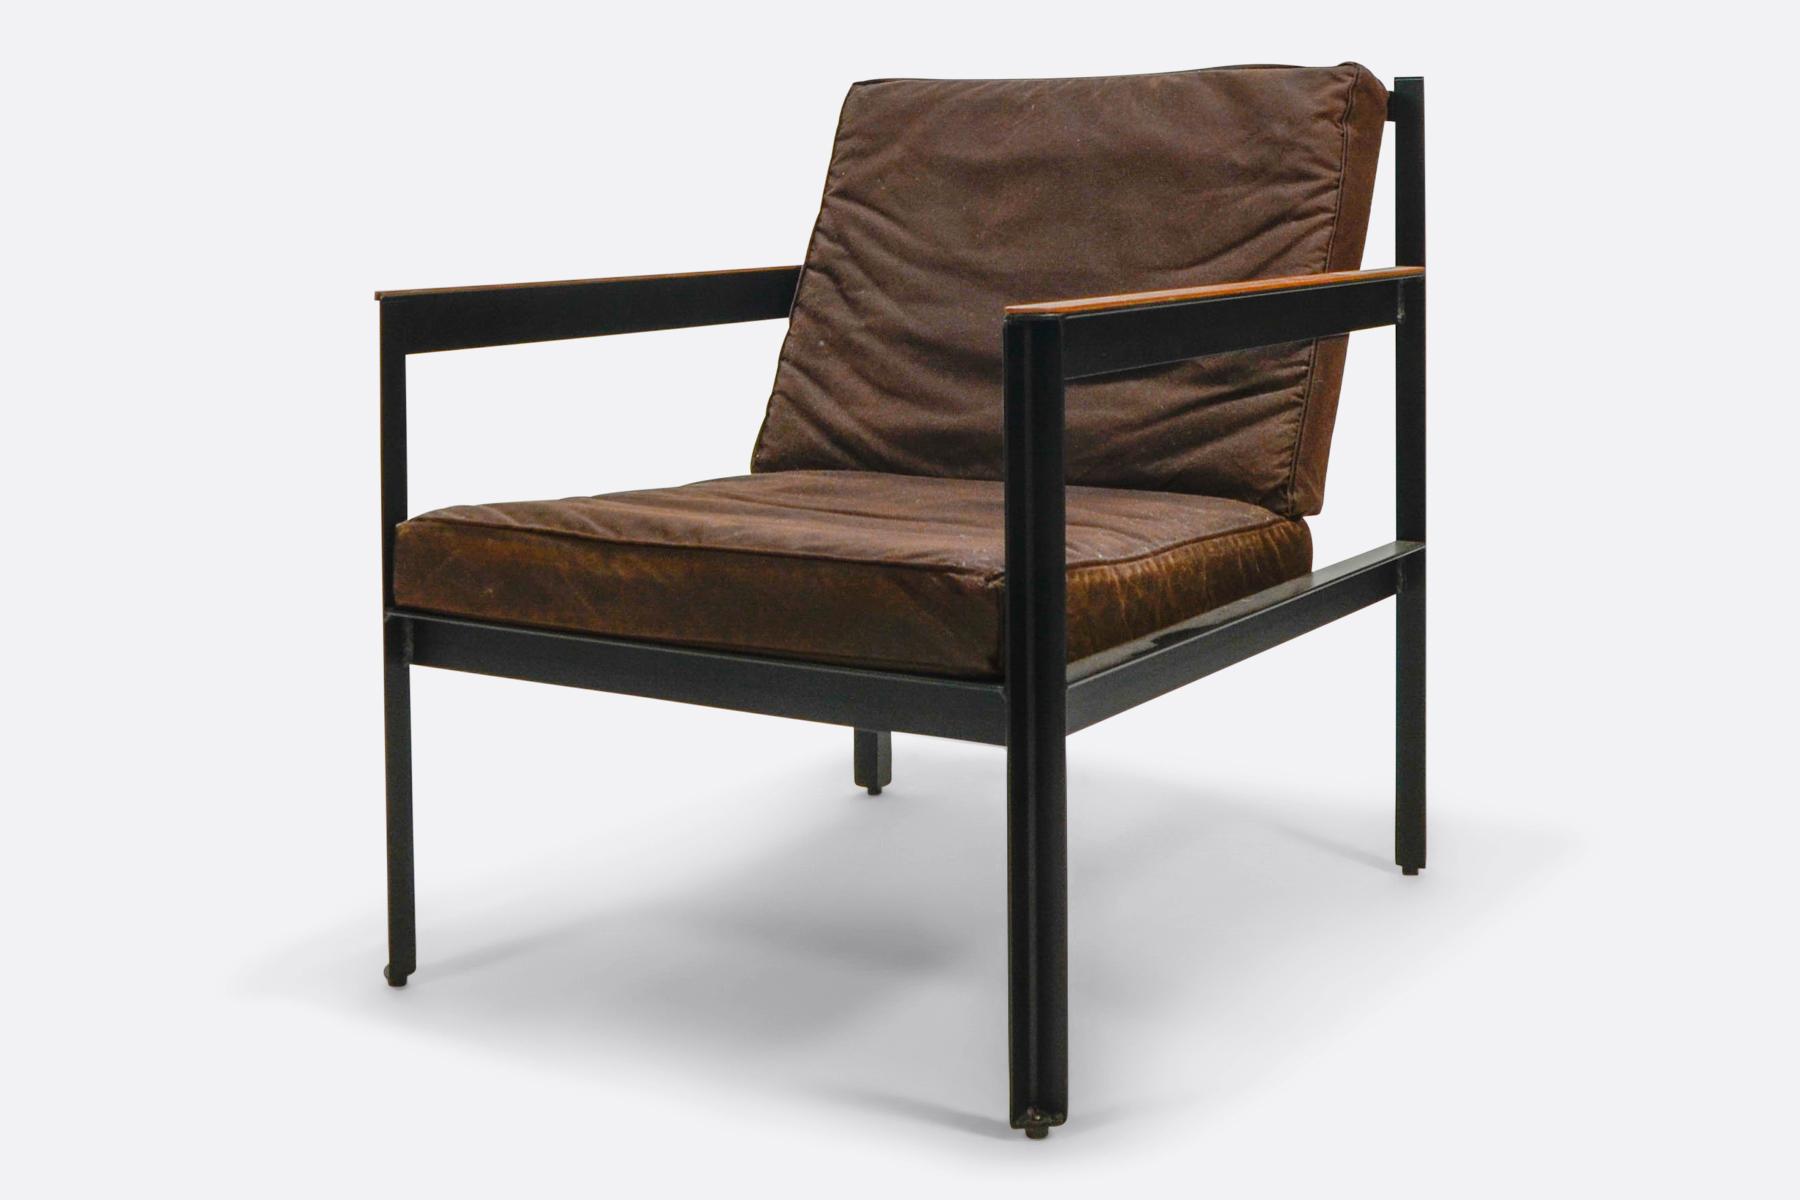 Heerenhuis - Cargo chair2